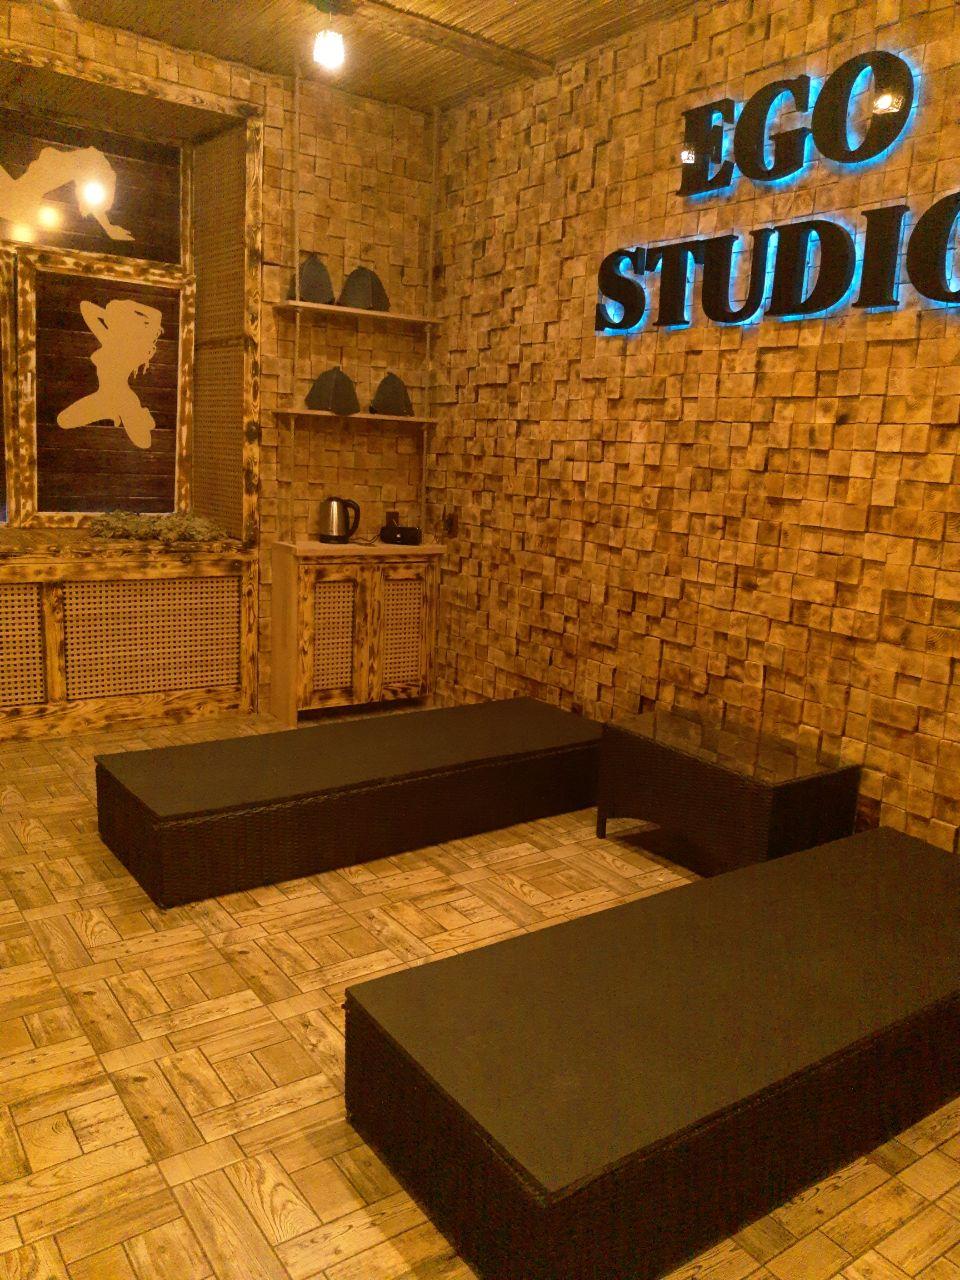 №24584 Баня, Сауна, Хамам в Харькове . Ego Studio